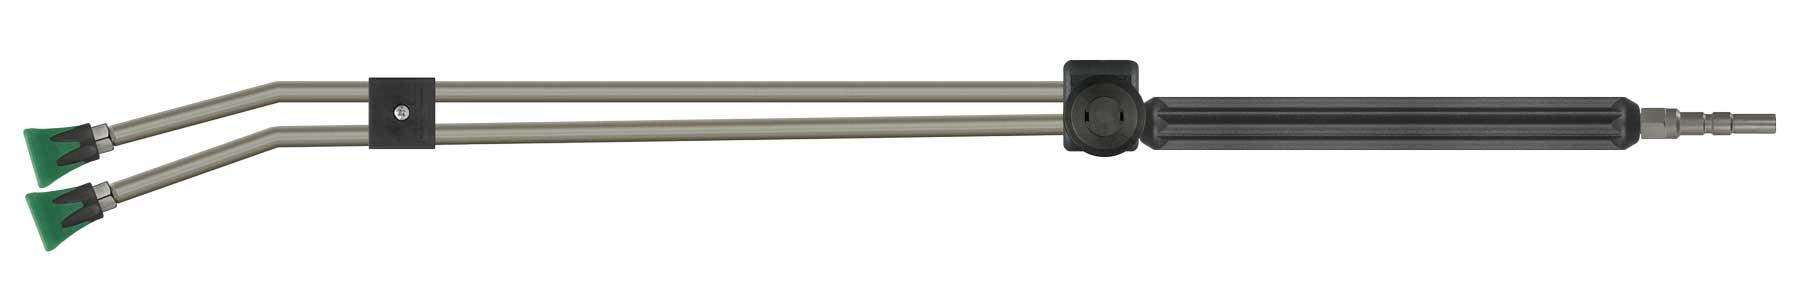 easyfarm365+ Lanze aus Edelstahl mit umspritzter Isolierung